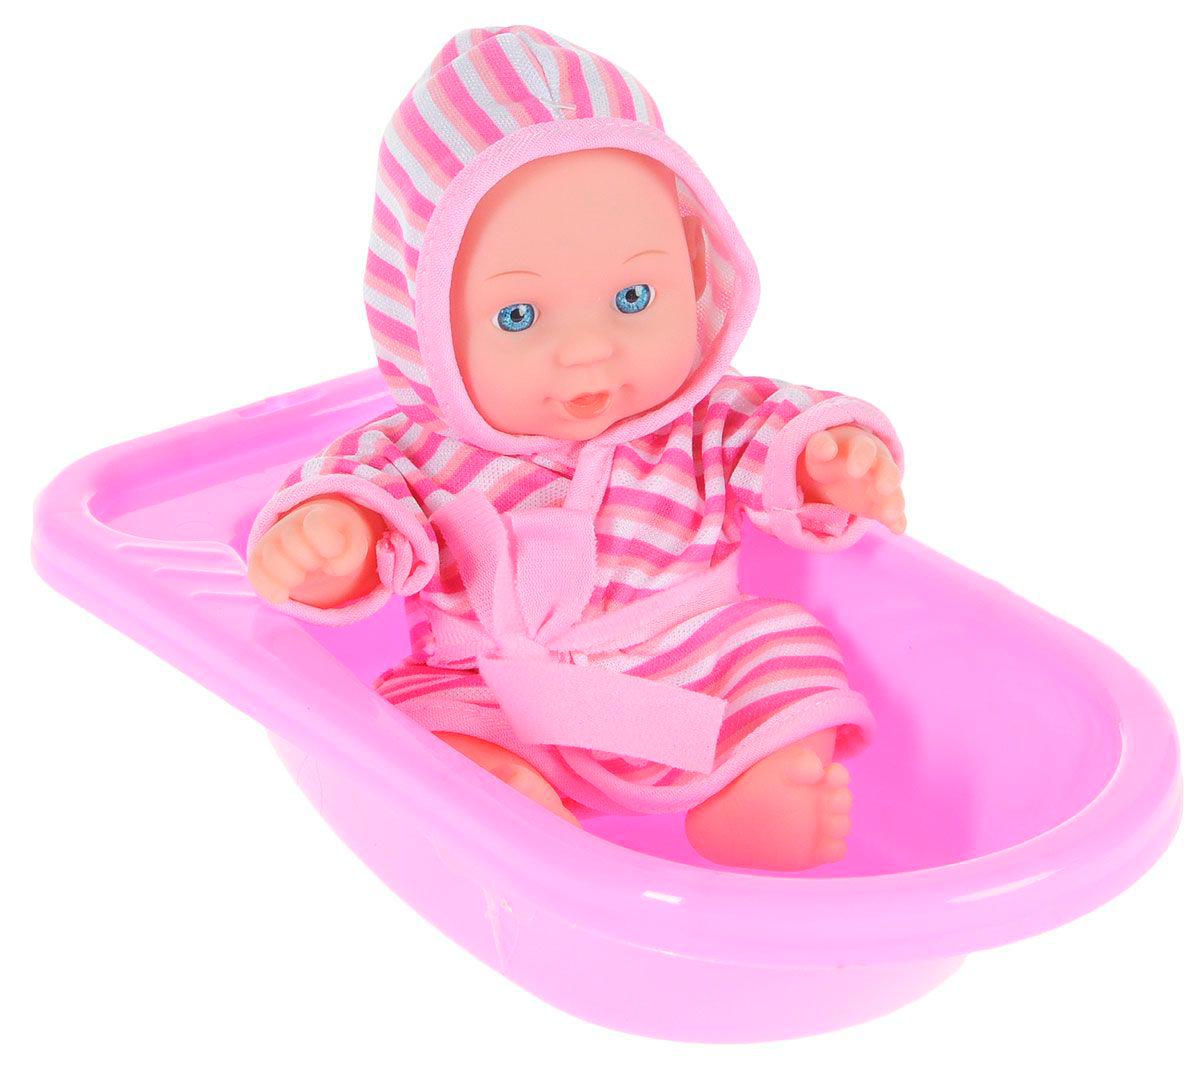 Пупс в ванночке, с аксессуарами, 20 см.Куклы Карапуз<br>Пупс в ванночке, с аксессуарами, 20 см.<br>